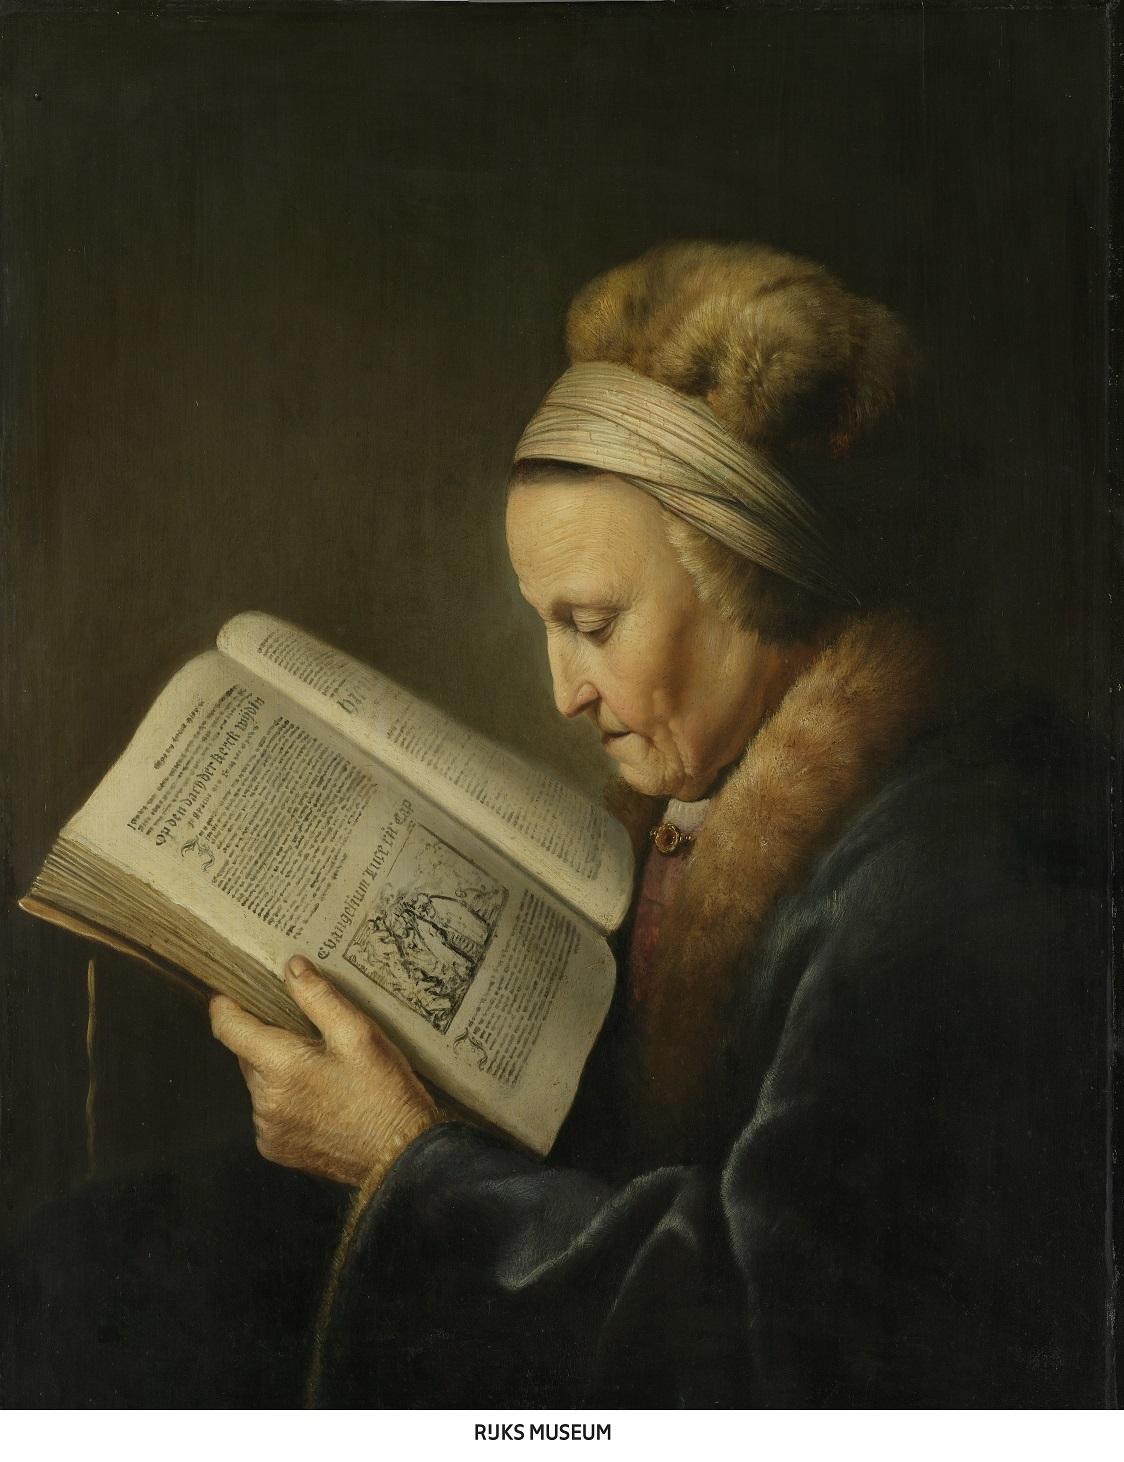 ヘラルト・ダウ 《本を読む老女》    1631-1632年頃 油彩・板 71.2×55.2cm    アムステルダム国立美術館     Rijksmuseum. A.H. Hoekwater Bequest, The Hague, 1912